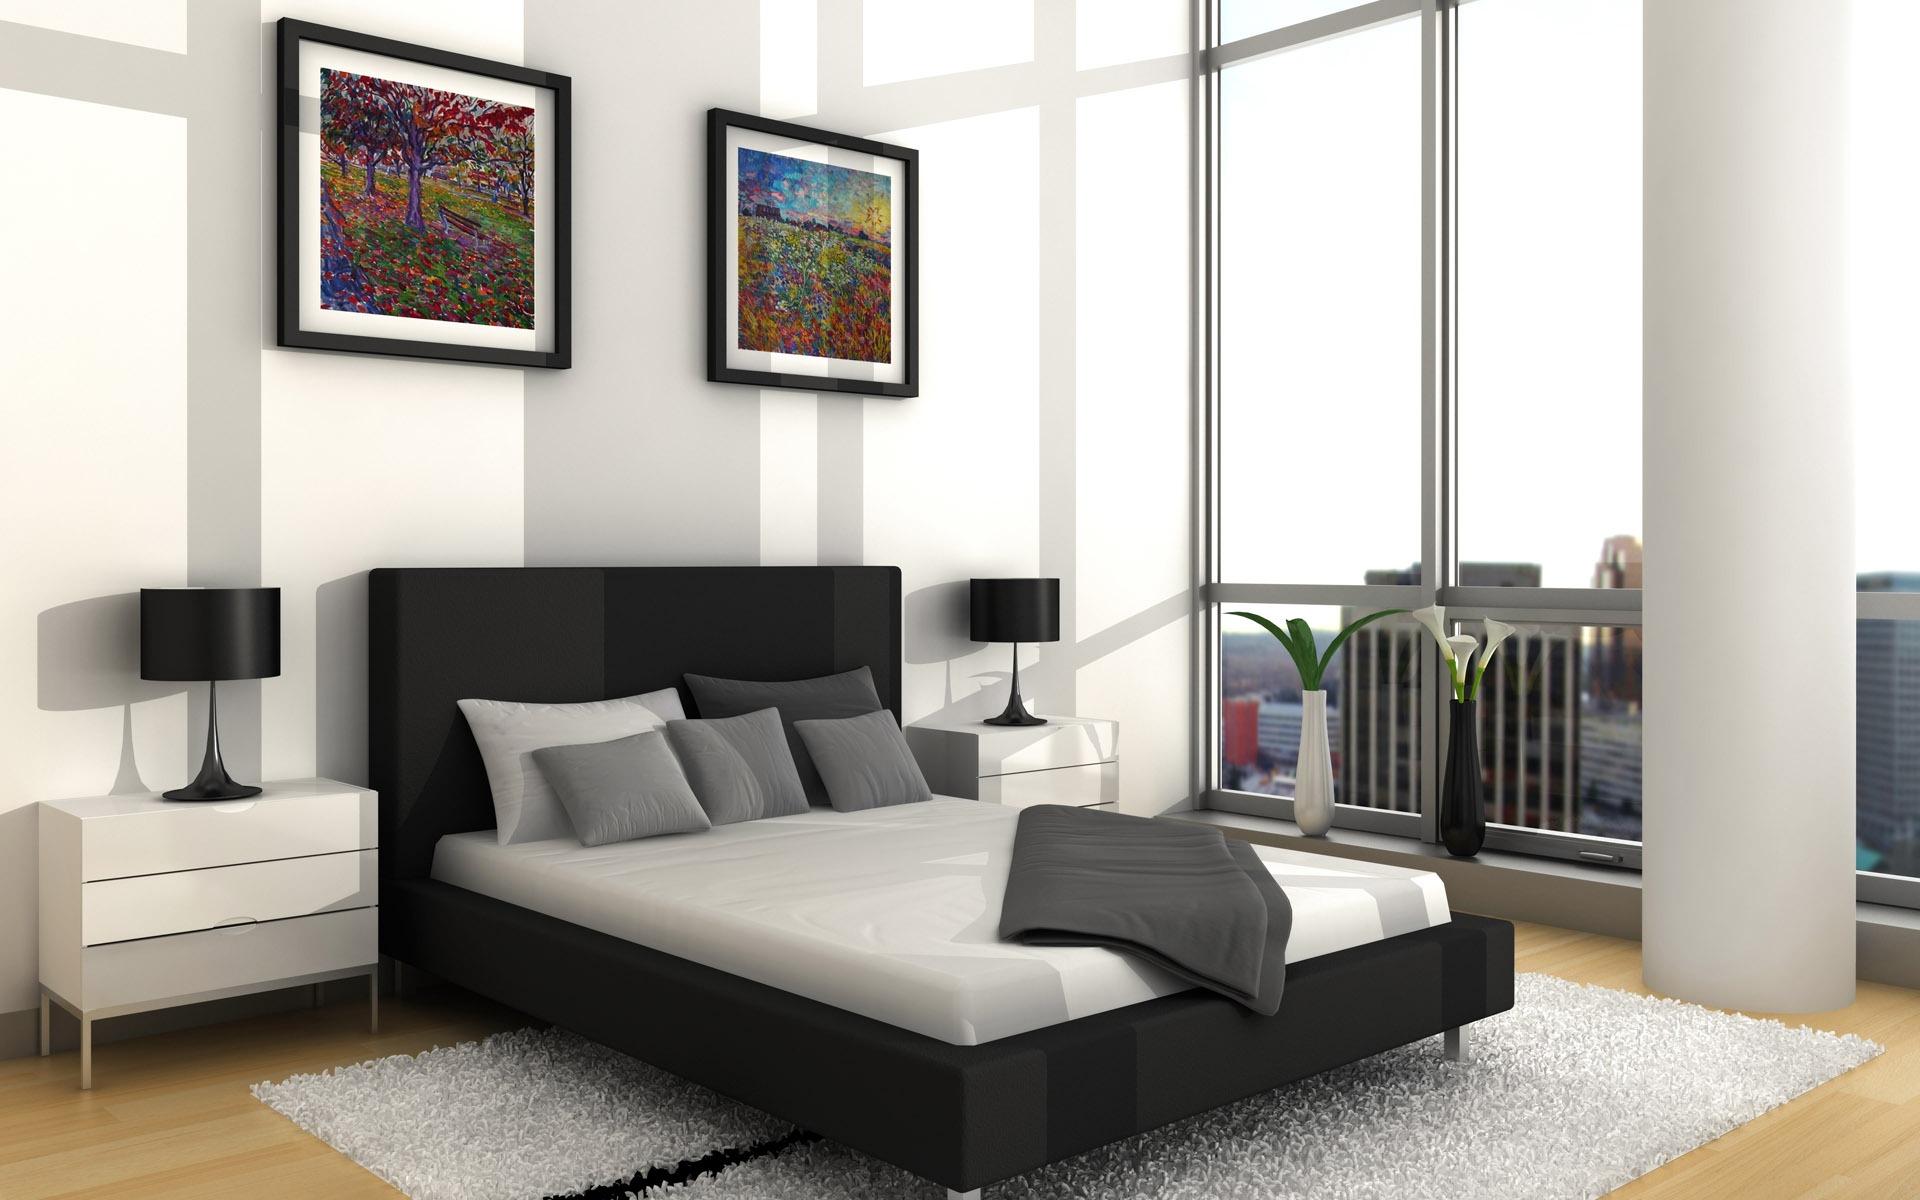 بالصور صور غرف نوم مودرن , احدث و اجدد غرف النوم المودرن لعام 2019 4961 1